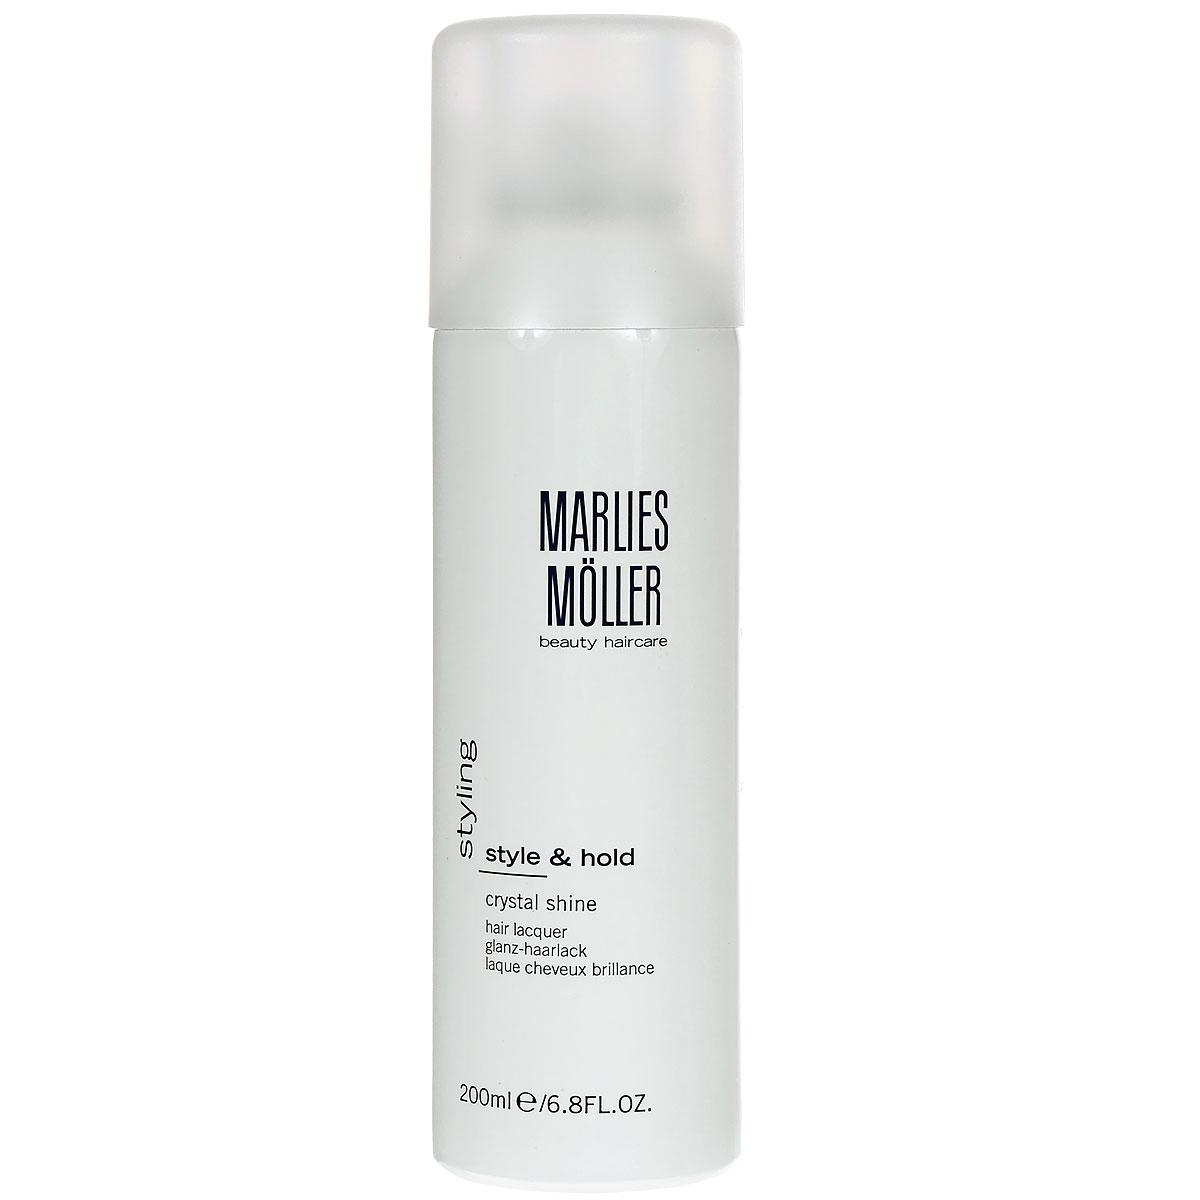 Marlies Moller Лак Styling для волос, кристальный блеск, 200 млОБ2Завораживающее и изящное завершение укладки. Сухой лак обеспечивает превосходную фиксацию, благодаря мелкодисперсному аэрозолю быстро сохнет и чётко фиксирует. Ультра сильная фиксация без потери объема. Легко удаляется с волос. Профессиональный стайлинг для сияющего блеска волос. В составе - хрустальная пудра, которая дает искрящийся блеск, отражает свет и придает прическе ультра глянцевое сияние. Лак защищает волосы от влажного воздуха. UV-защита.Завершая укладку, нанесите лак, держа флакон на расстоянии 20-30 см.